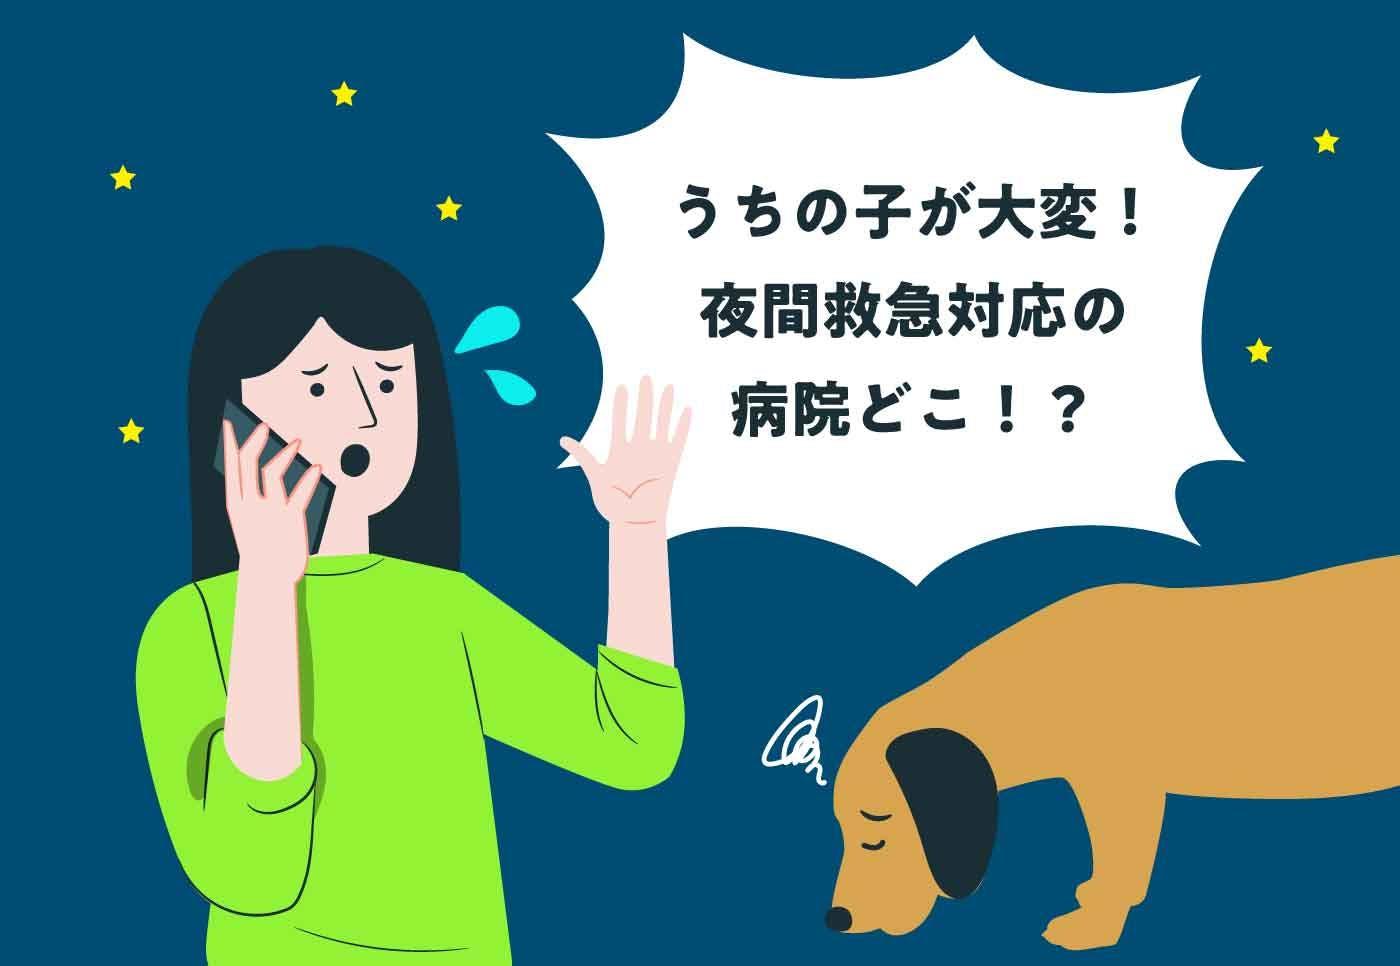 【救急病院5選】いざという時のために。都内の夜間・救急対応の動物病院をチェックしておこう!